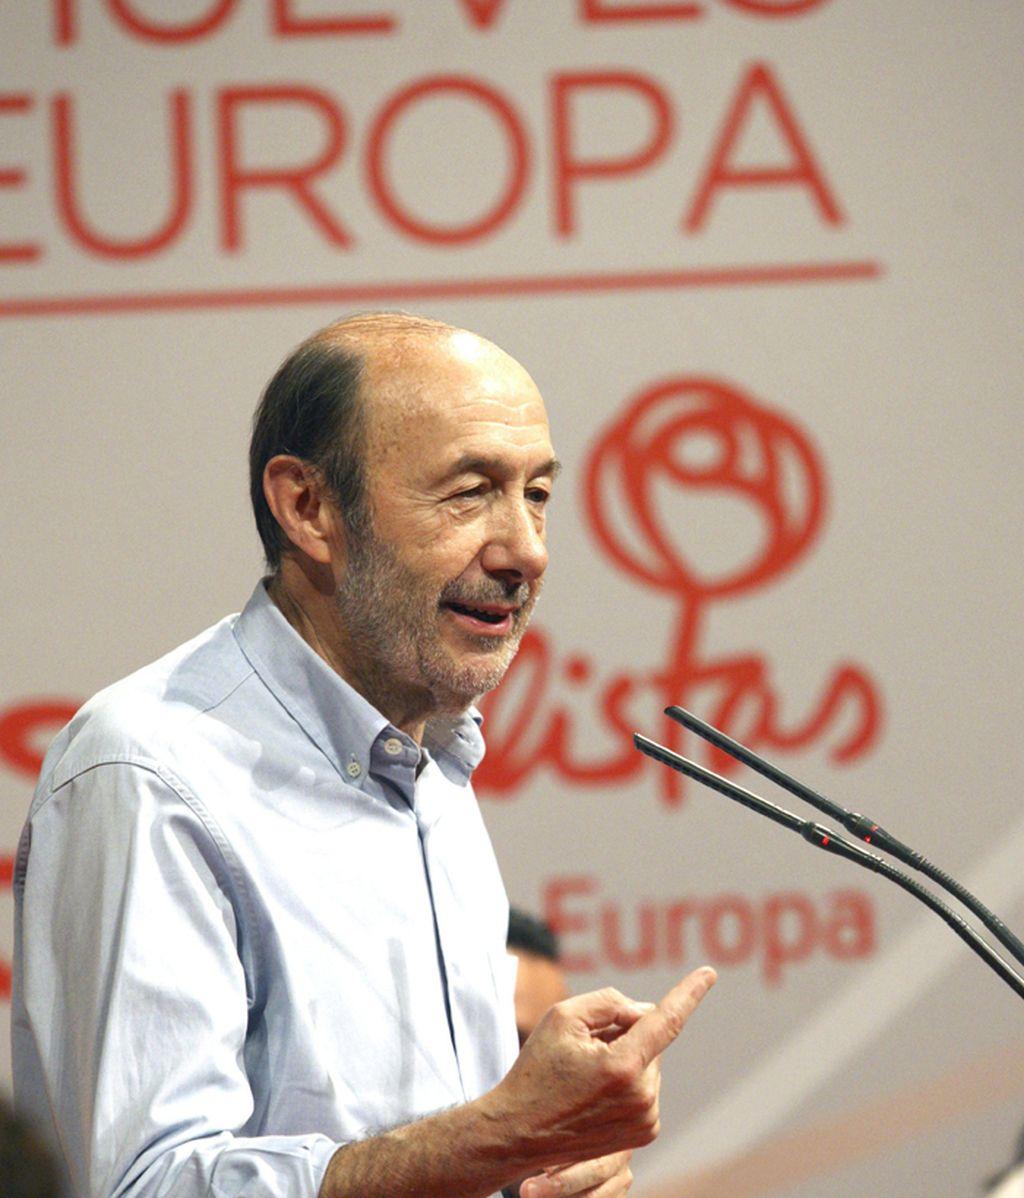 Rubalcaba: El PSOE defenderá los derechos y libertades de las mujeres en Europa